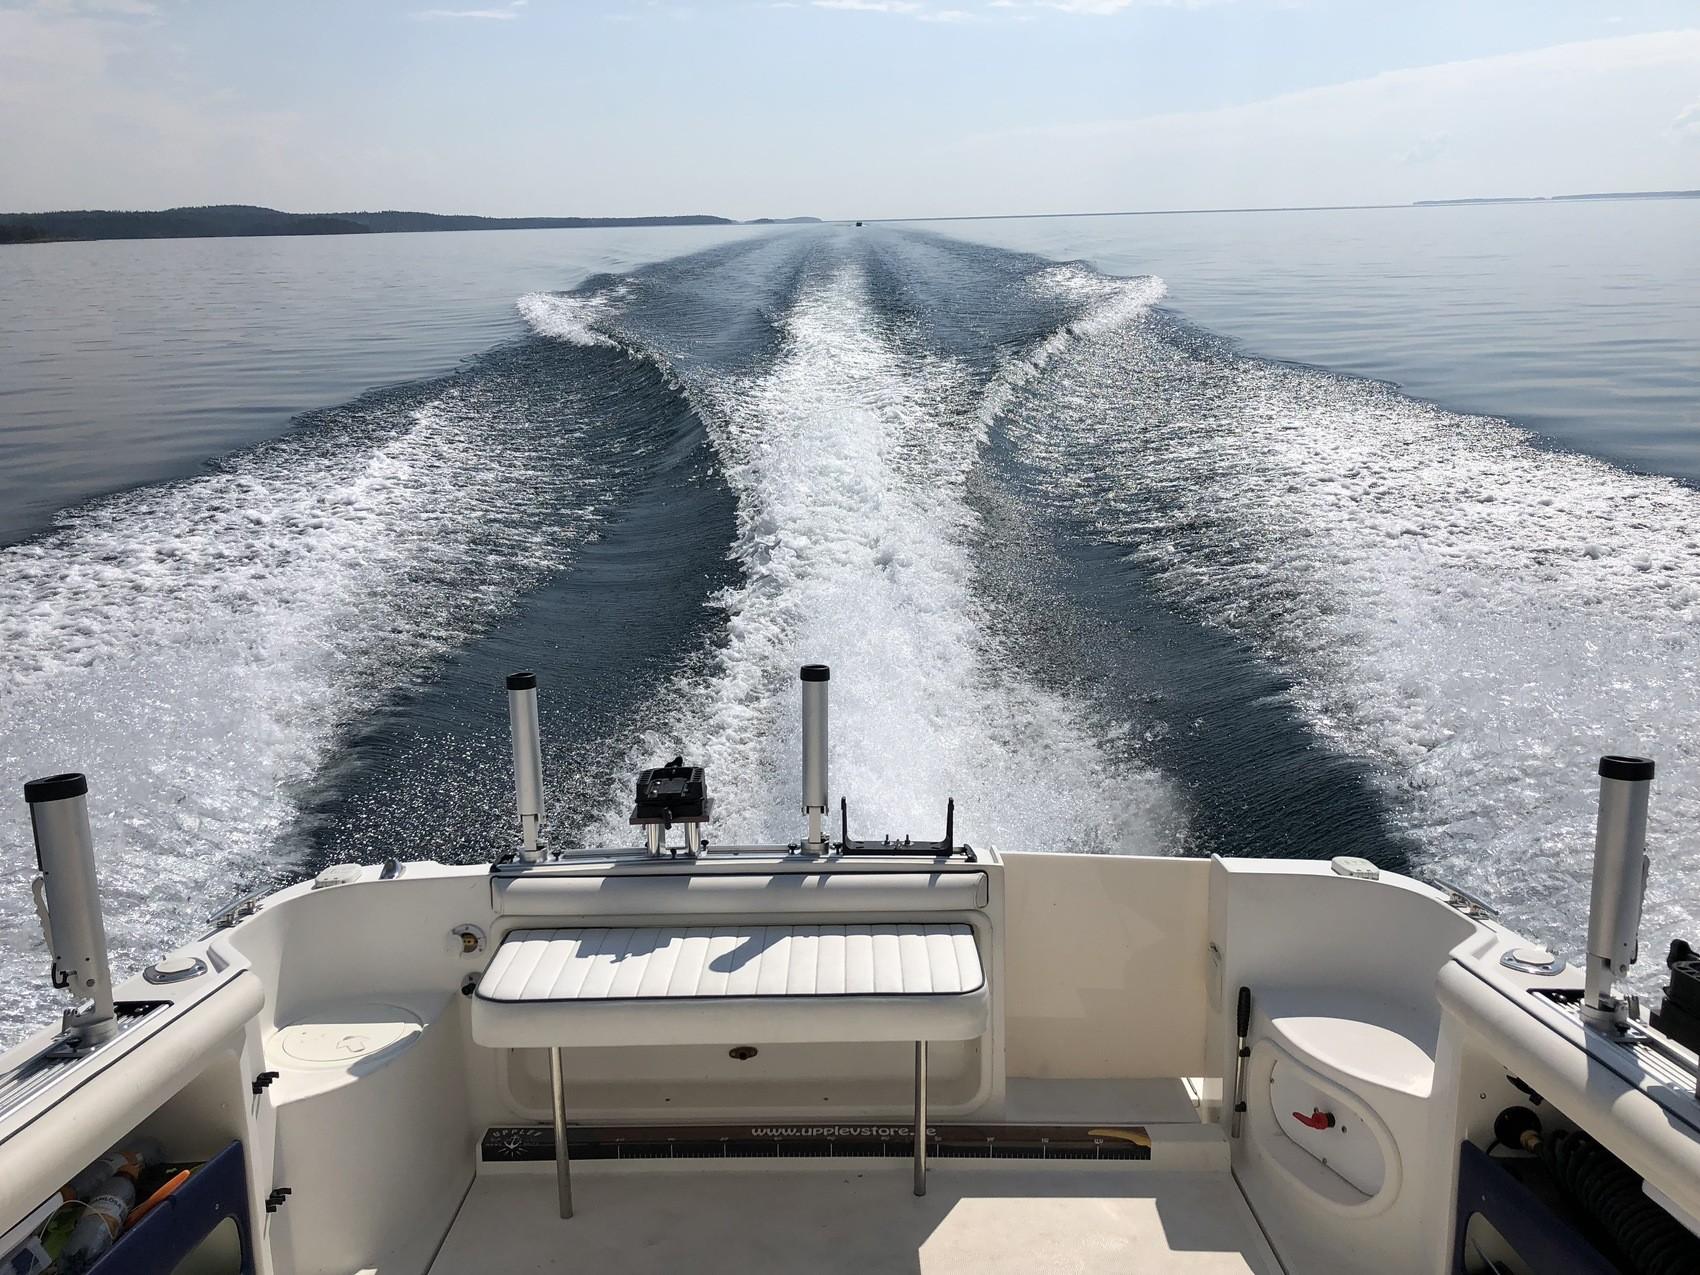 Man ser aktern på en liten men lyxig båt som forsar fram över en sjö, vattnet skummas så det blir som vita spår efter båten, sole skiner och himlen är blå.